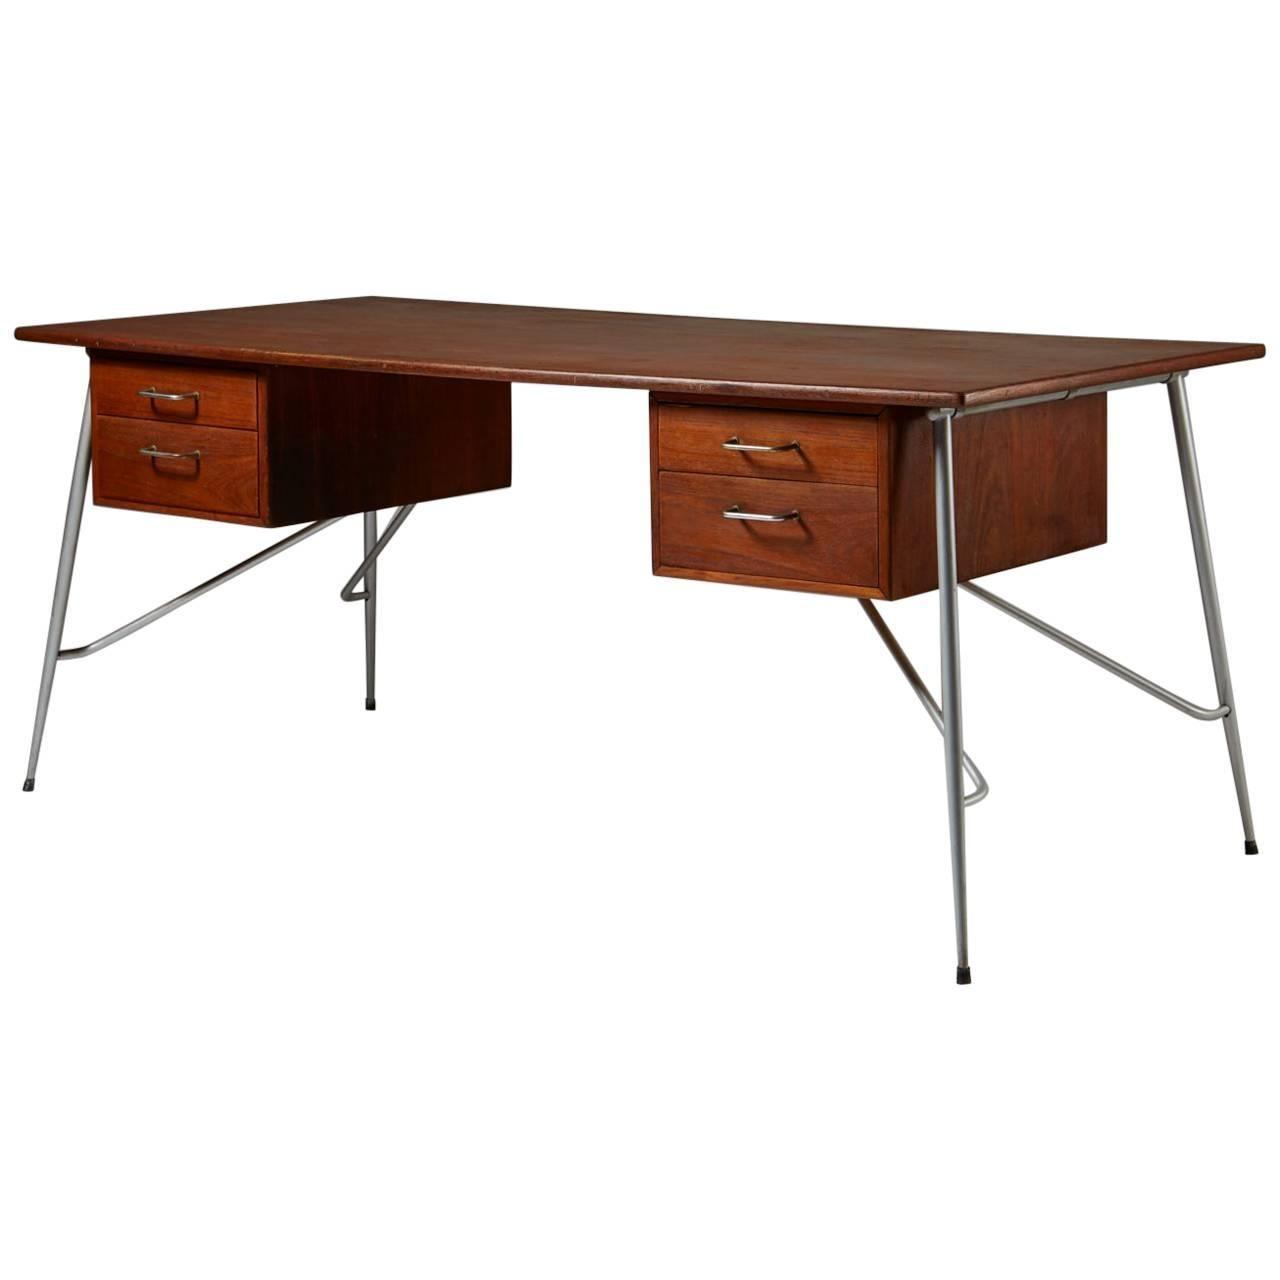 Desk Model 202 Designed by Börge Mogensen for Söborg Möbelfabrik, Denmark, 1953